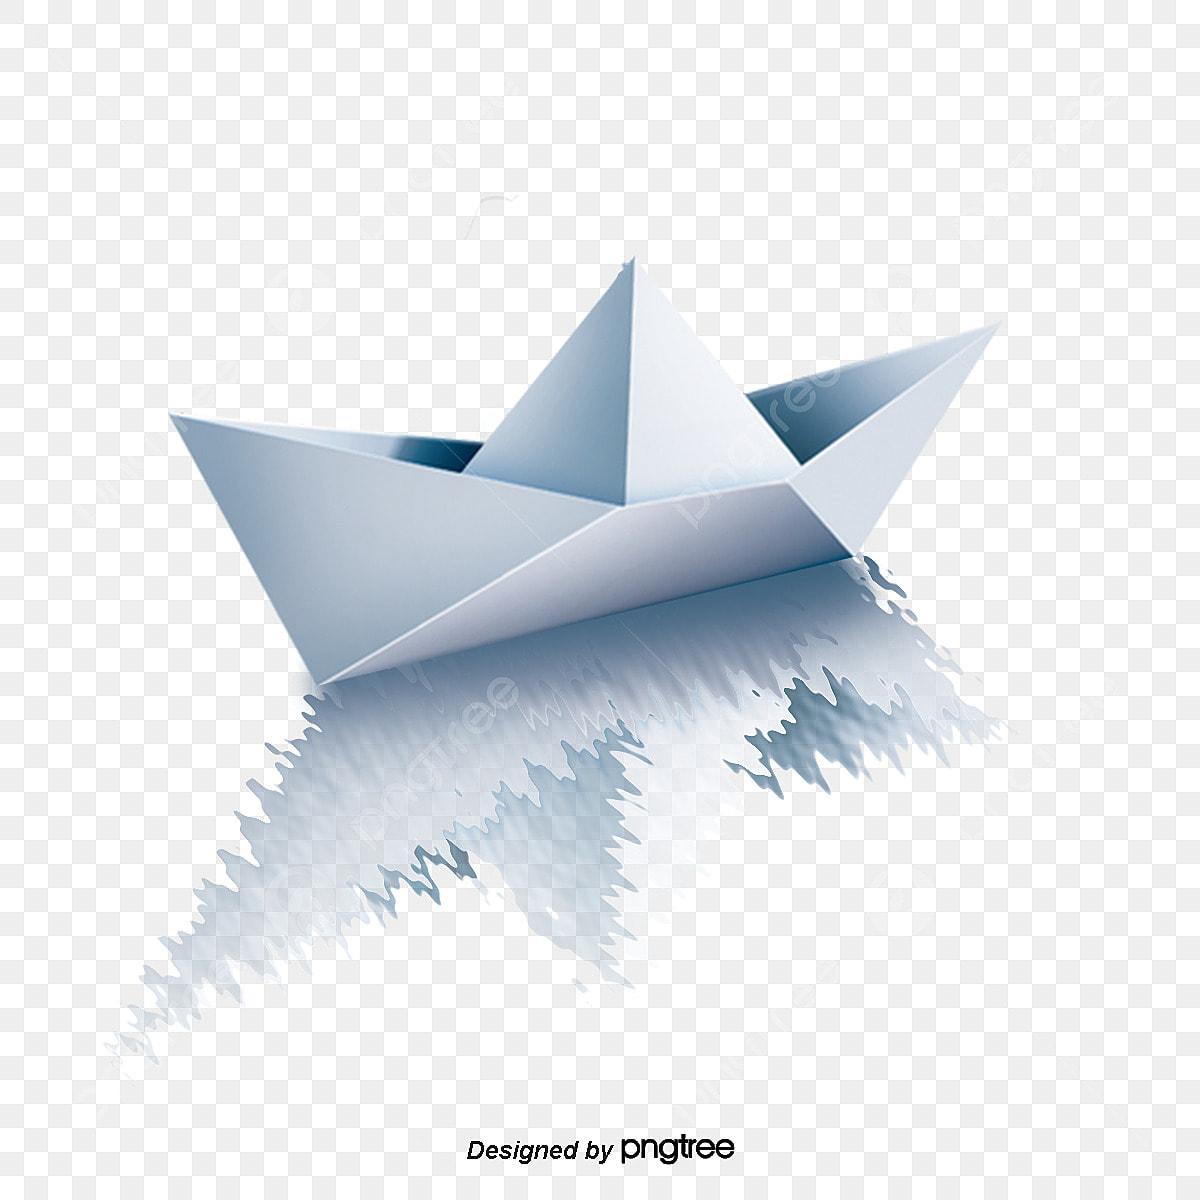 Bateau En Papier Plie Dans L Eau Clipart De Bateau Bateau Pliant En Papier Ferry Fichier Png Et Psd Pour Le Telechargement Libre